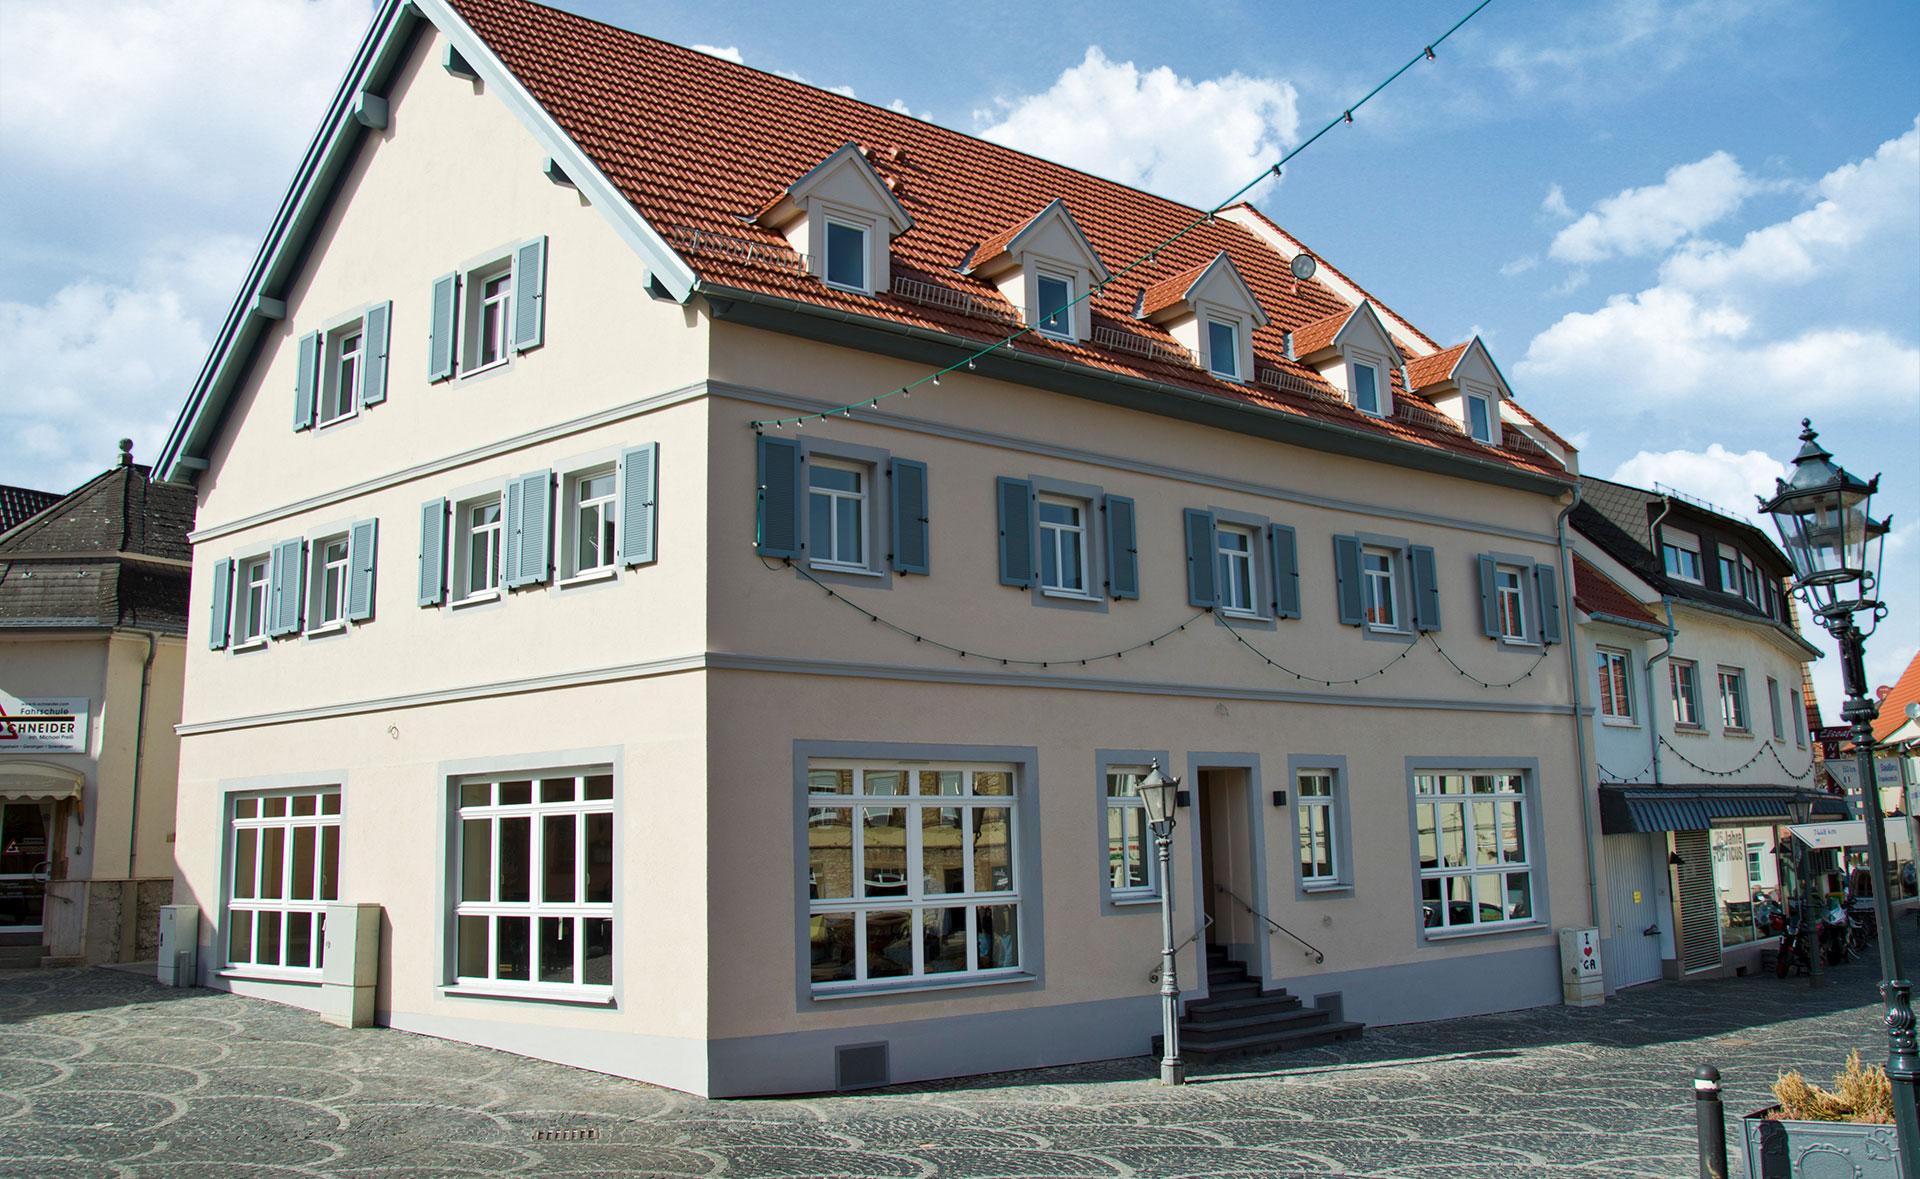 Restaurant Elder - Gau-Algesheim - 01 - ®Sven Haas